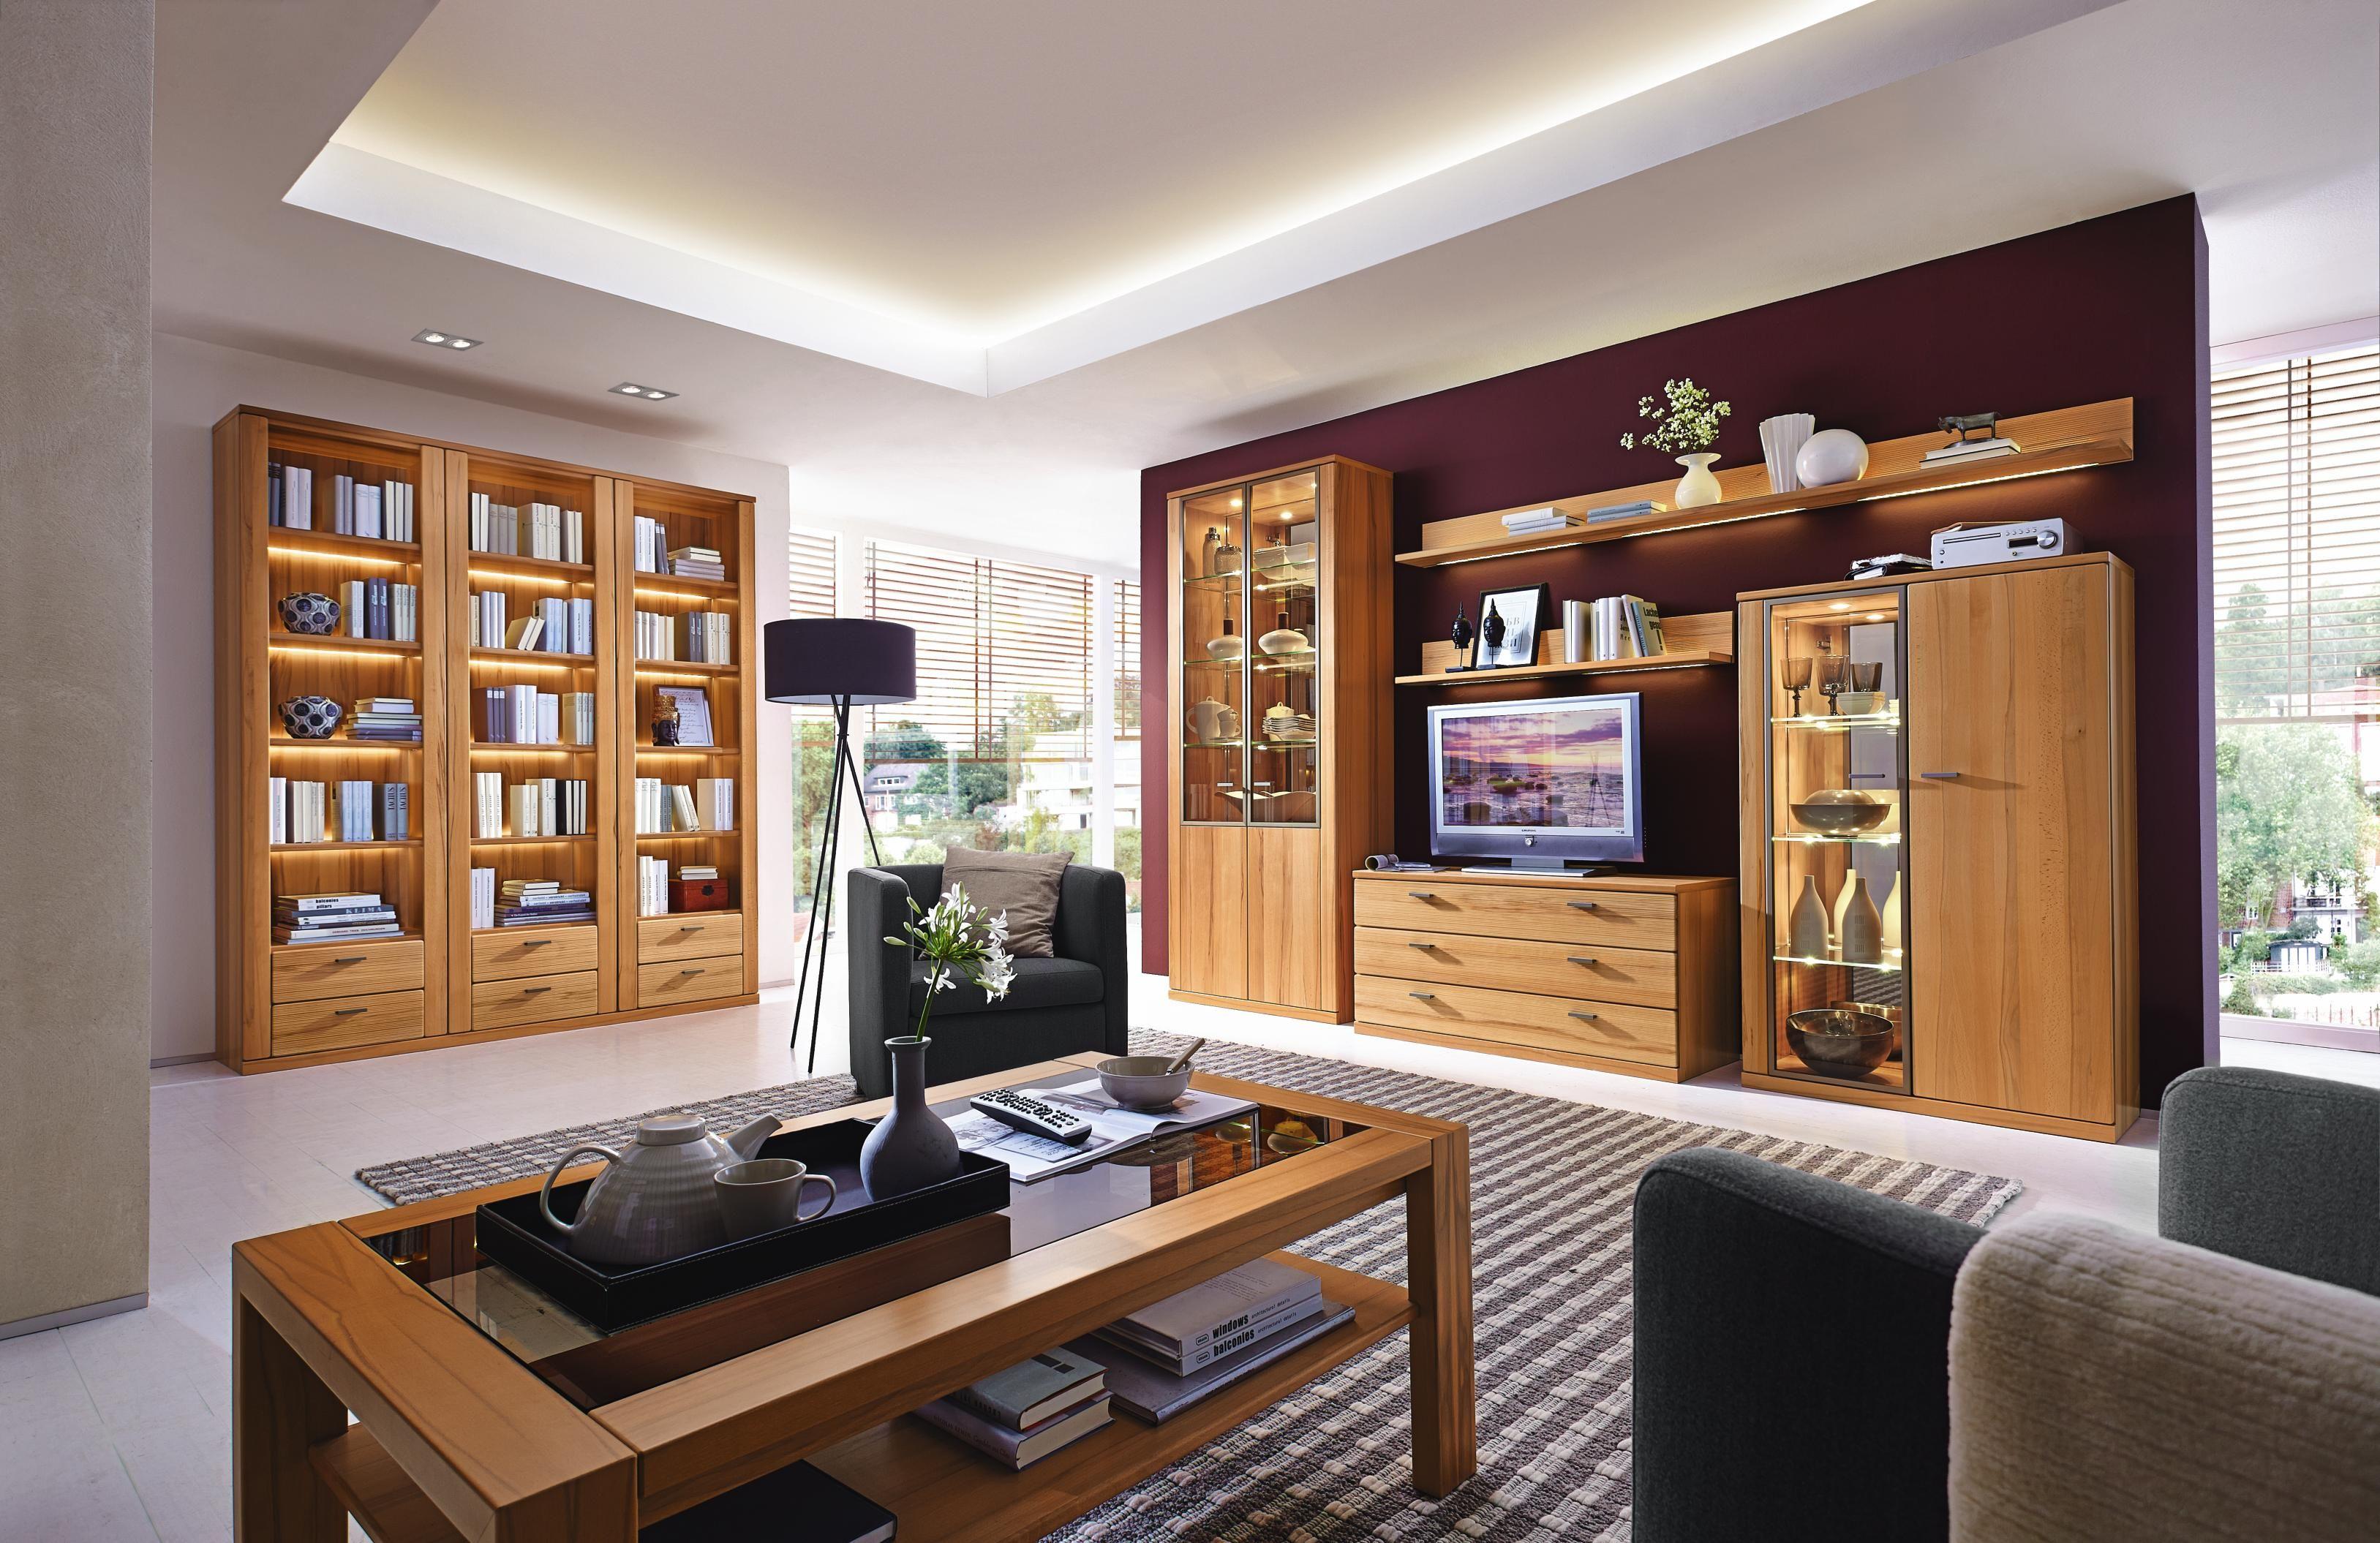 Fantastisch Stilvolle Wohnwand Von INVIVUS: Eichenholz Schmückt Ihr Zuhause!